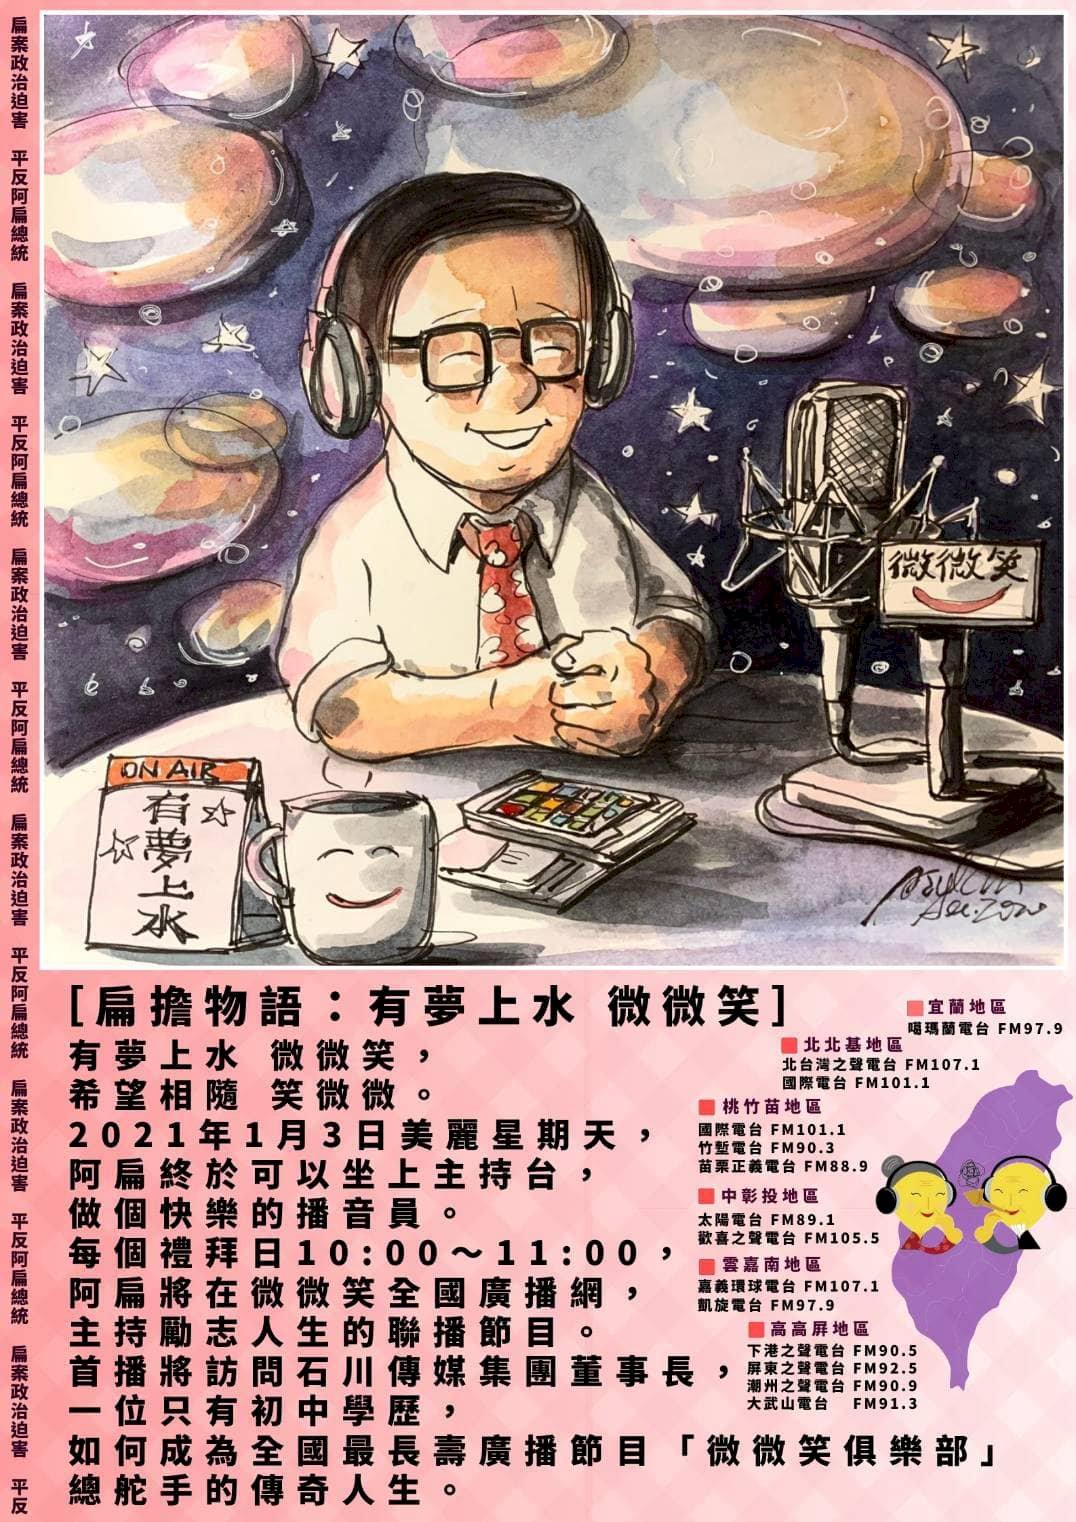 陳水扁要當廣播人 中監:尚未收到申請